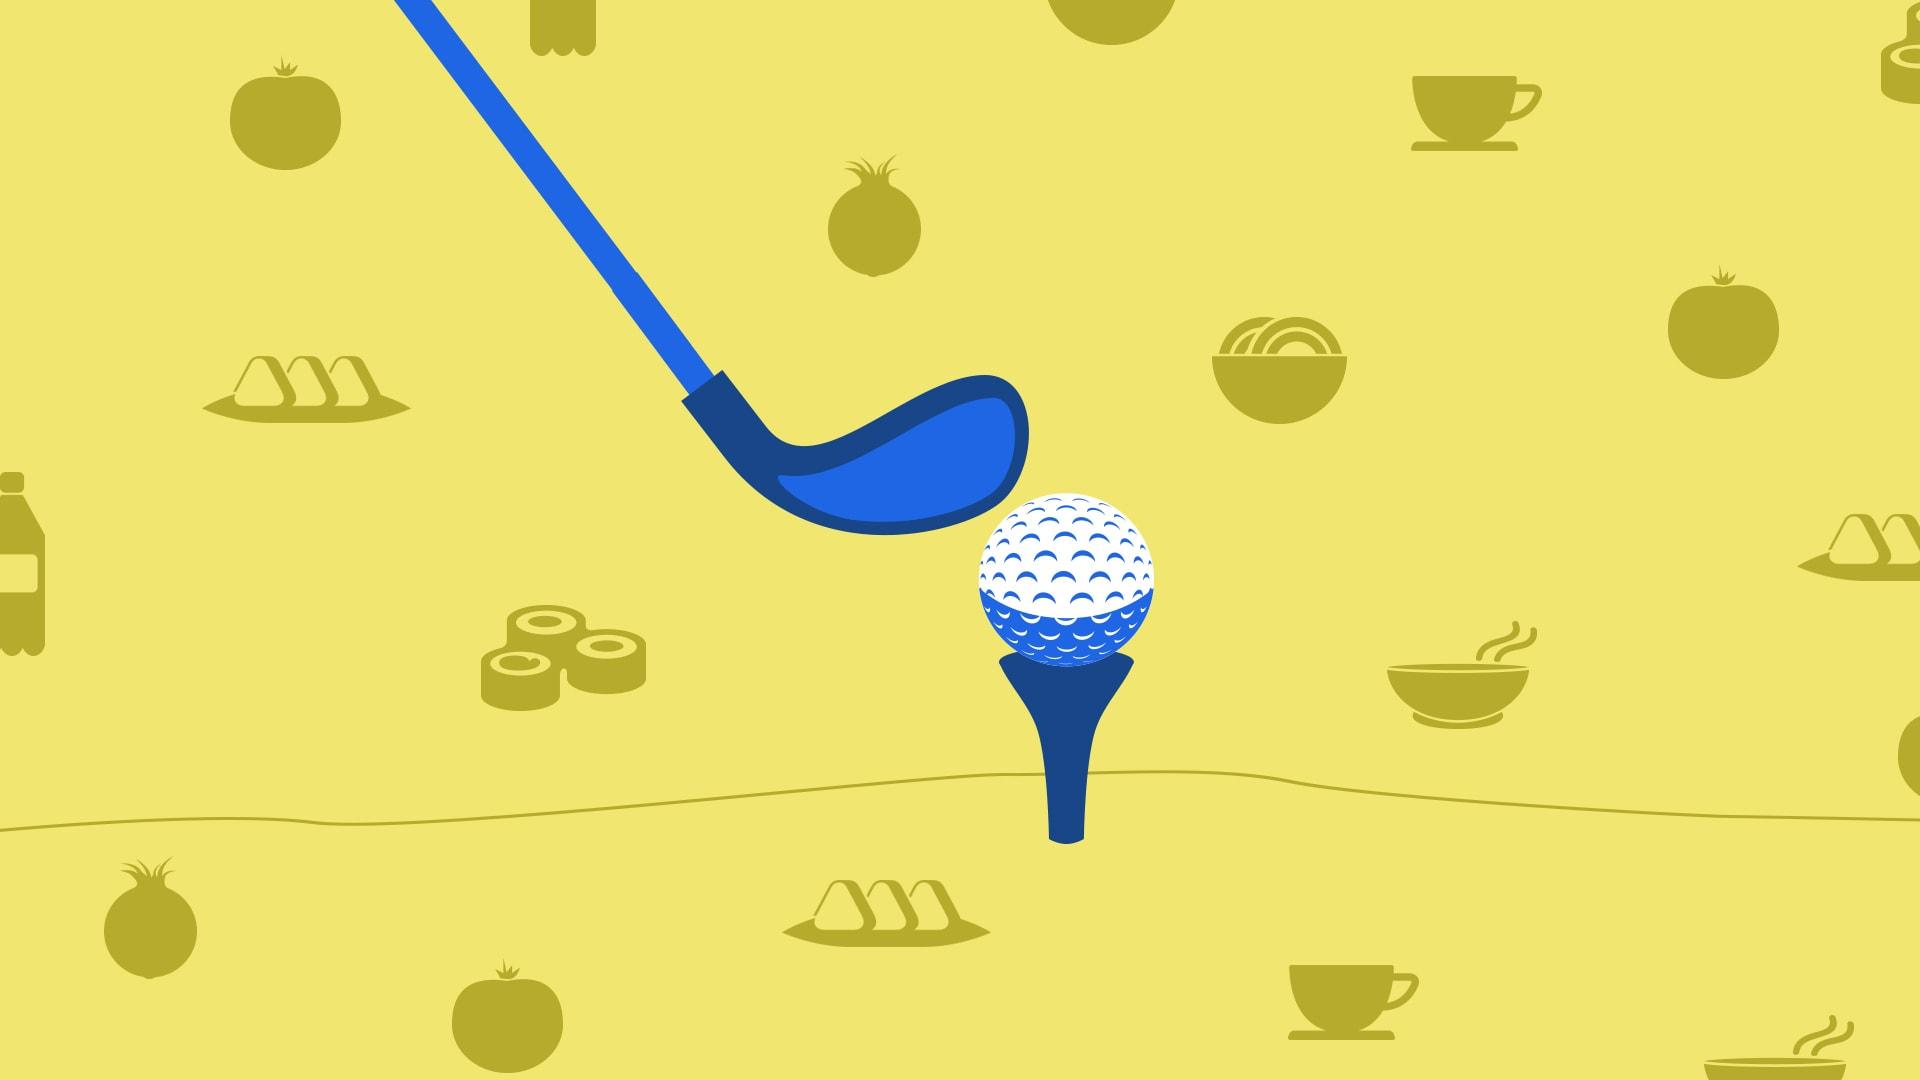 ماذا يمكنك أن تتناول خلال جولة الغولف للحفاظ على طاقتك؟